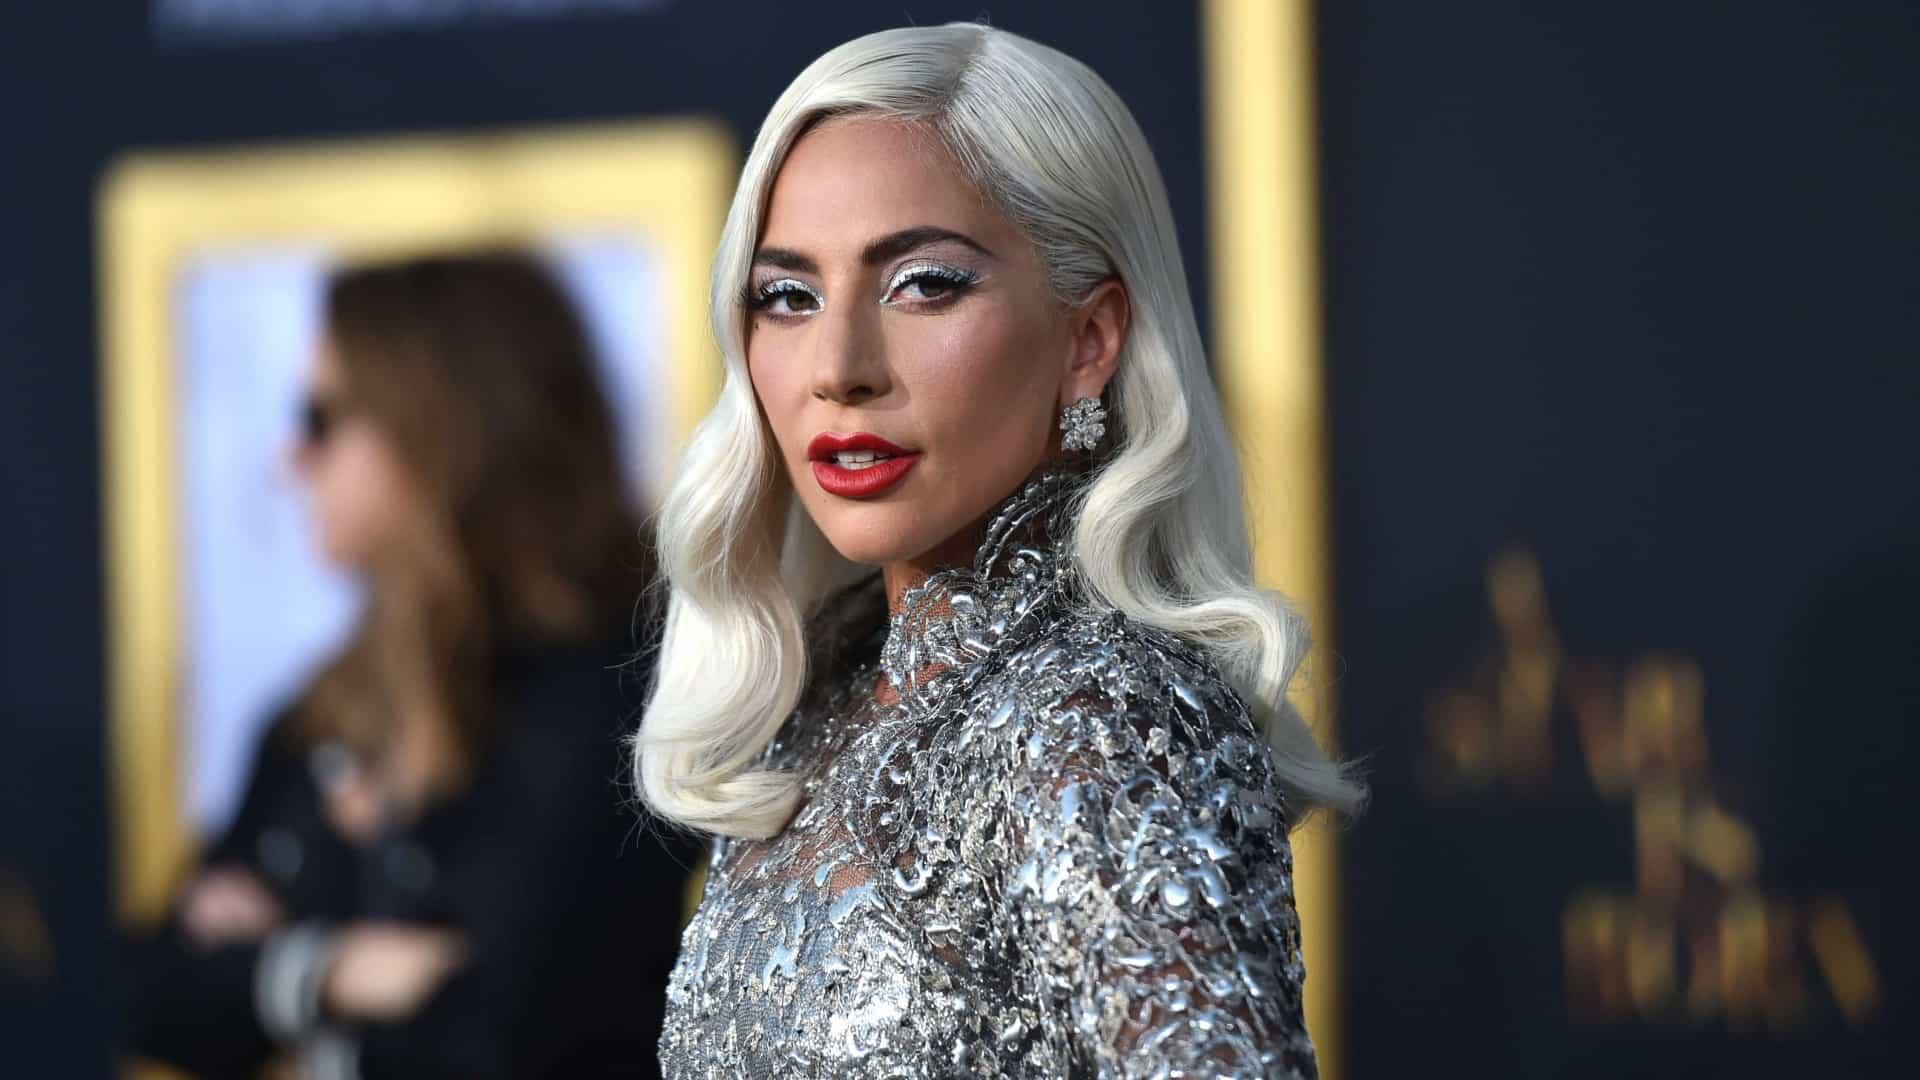 Lady Gaga - Biografia, origens, polêmicas e maiores sucessos